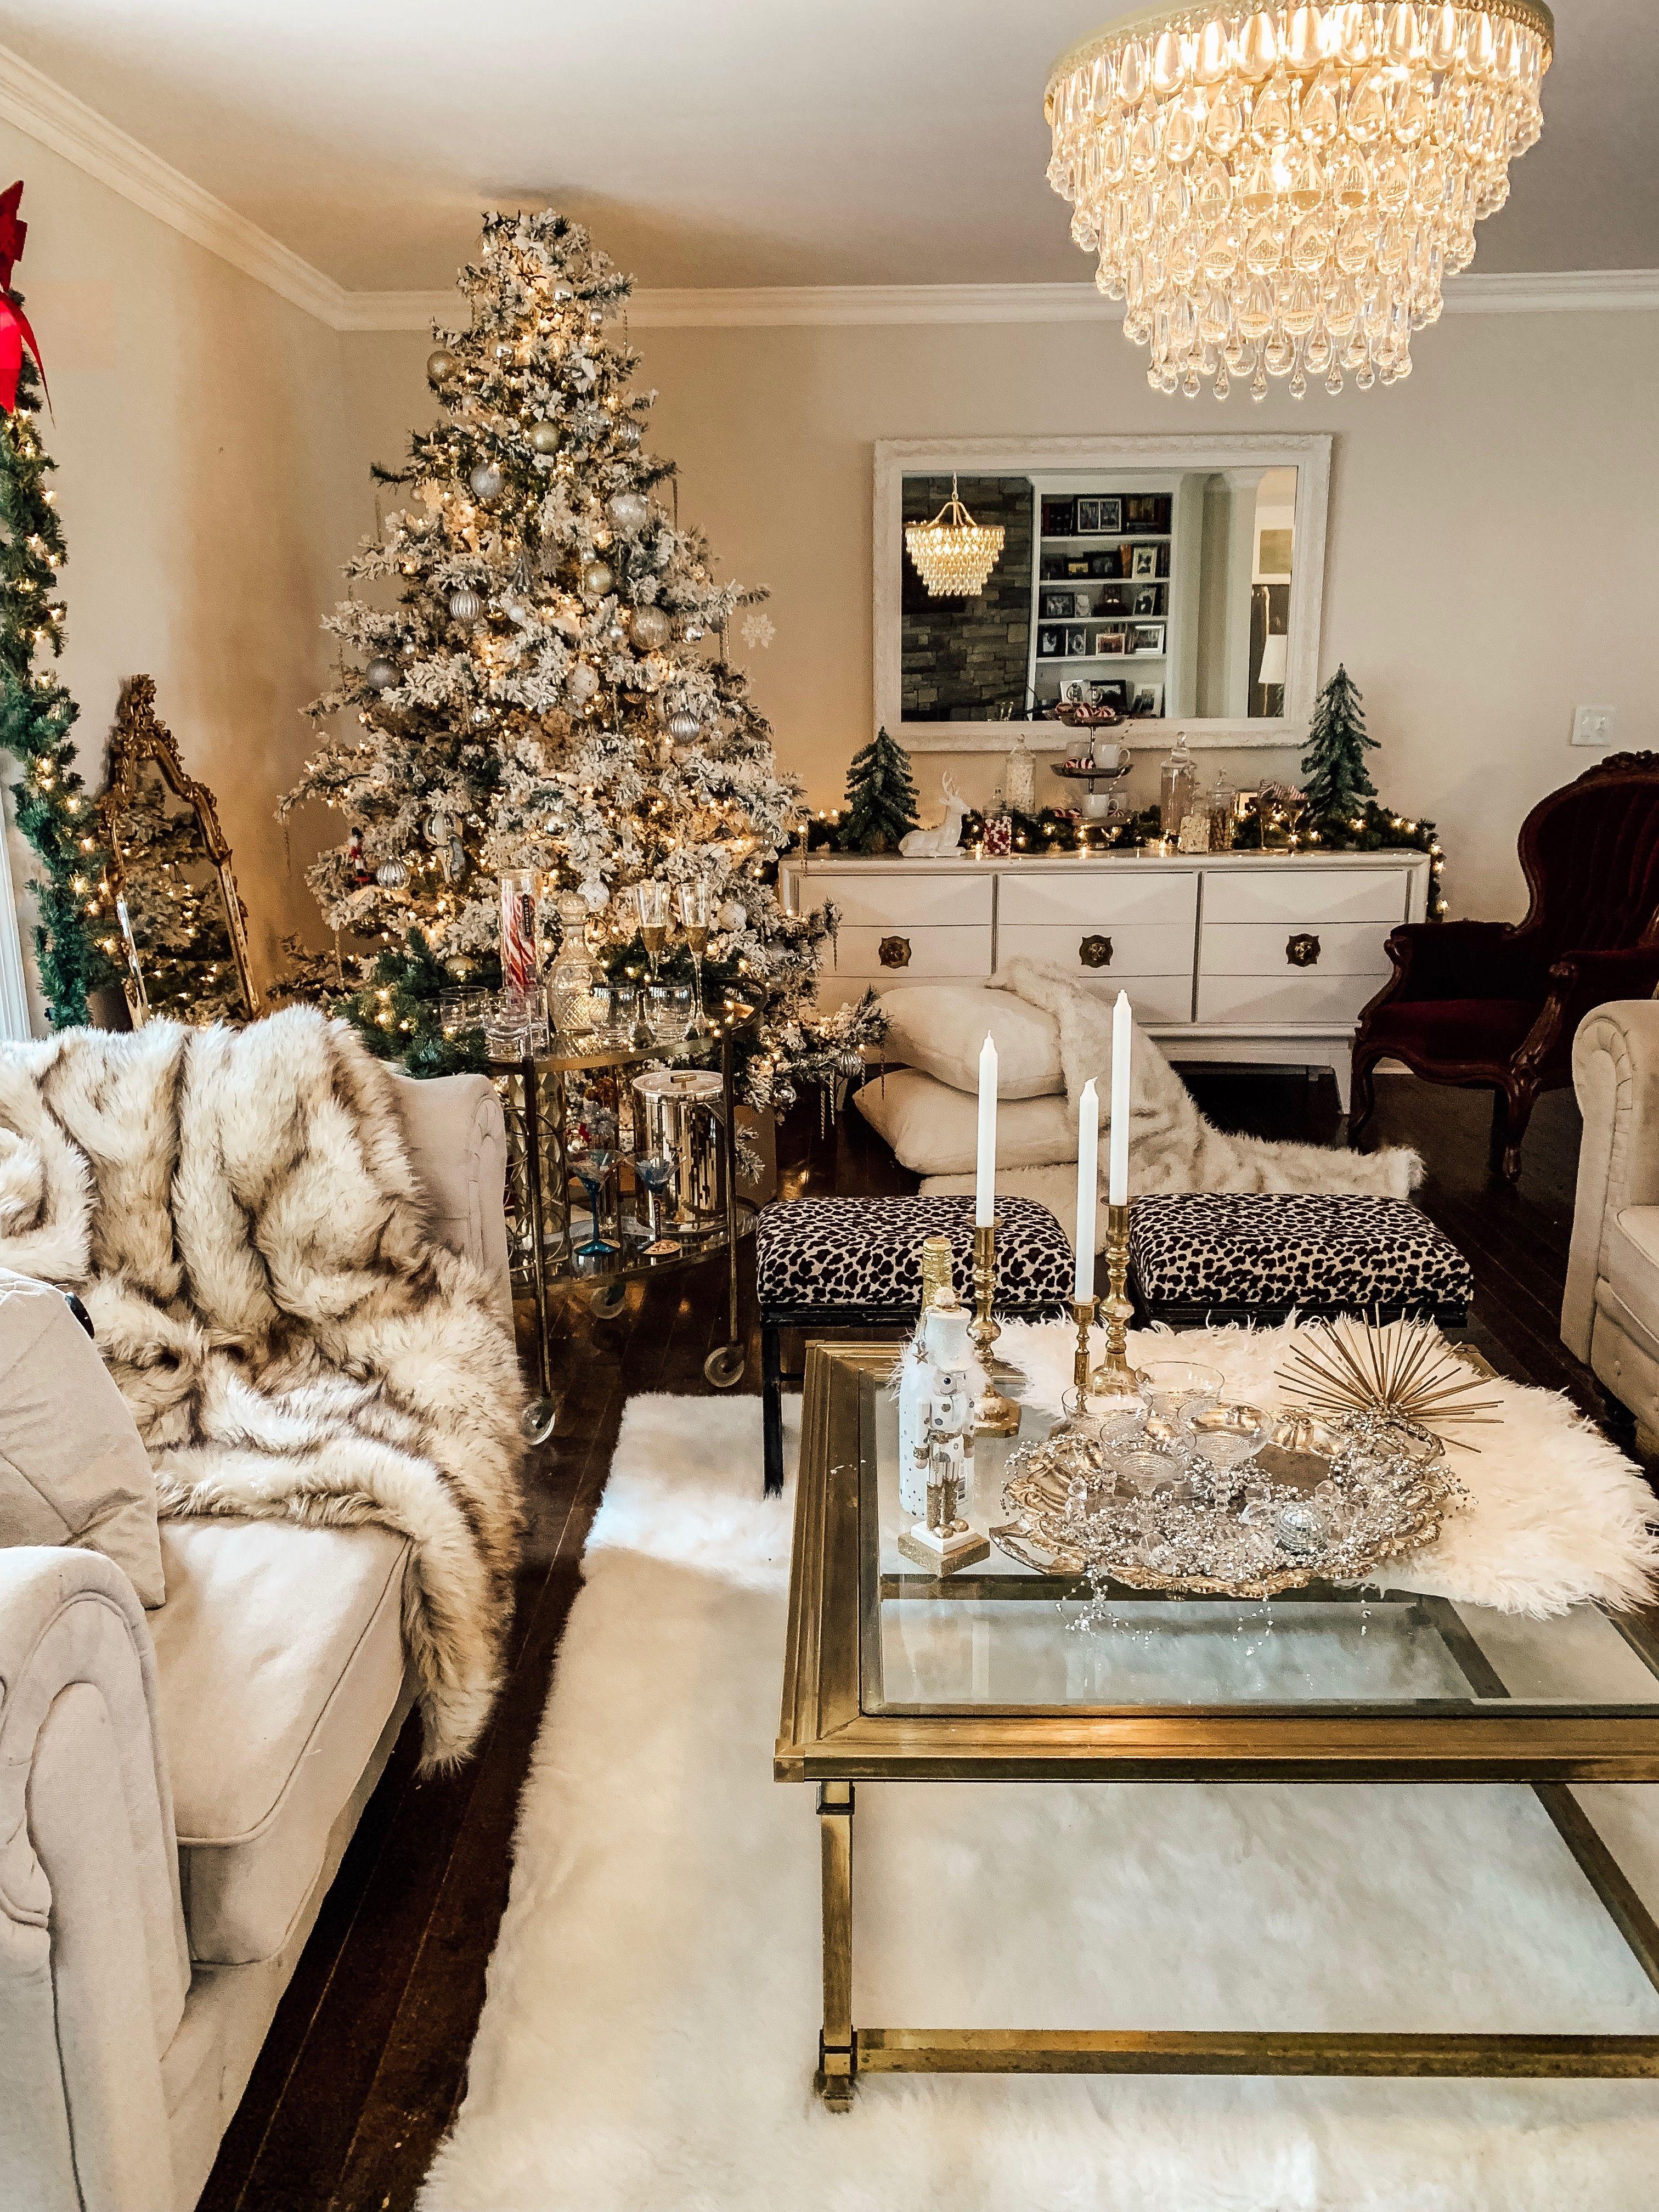 Christmas Living Room Glamour Www Instagram Com Michellekraker Christmas Decorations Bedroom Christmas House Decorations Indoor Christmas Fireplace Decor Living room xmas decoration